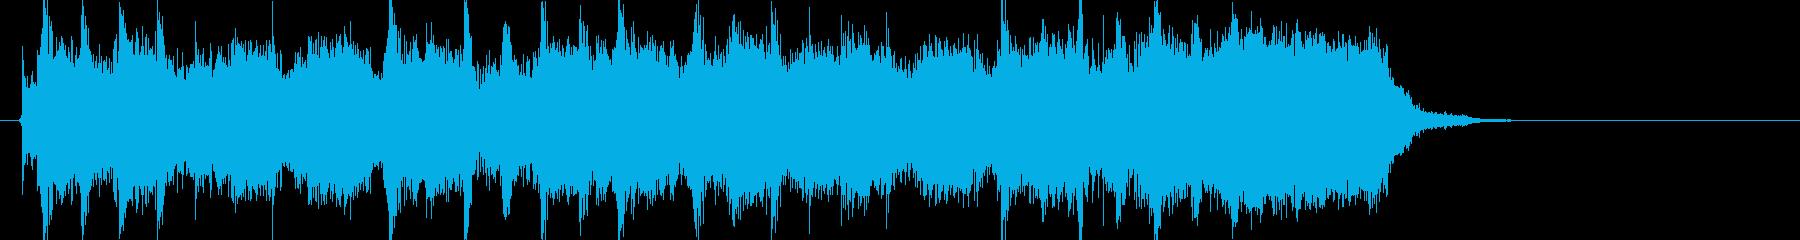 疾走感のあるエレキギタージングルの再生済みの波形